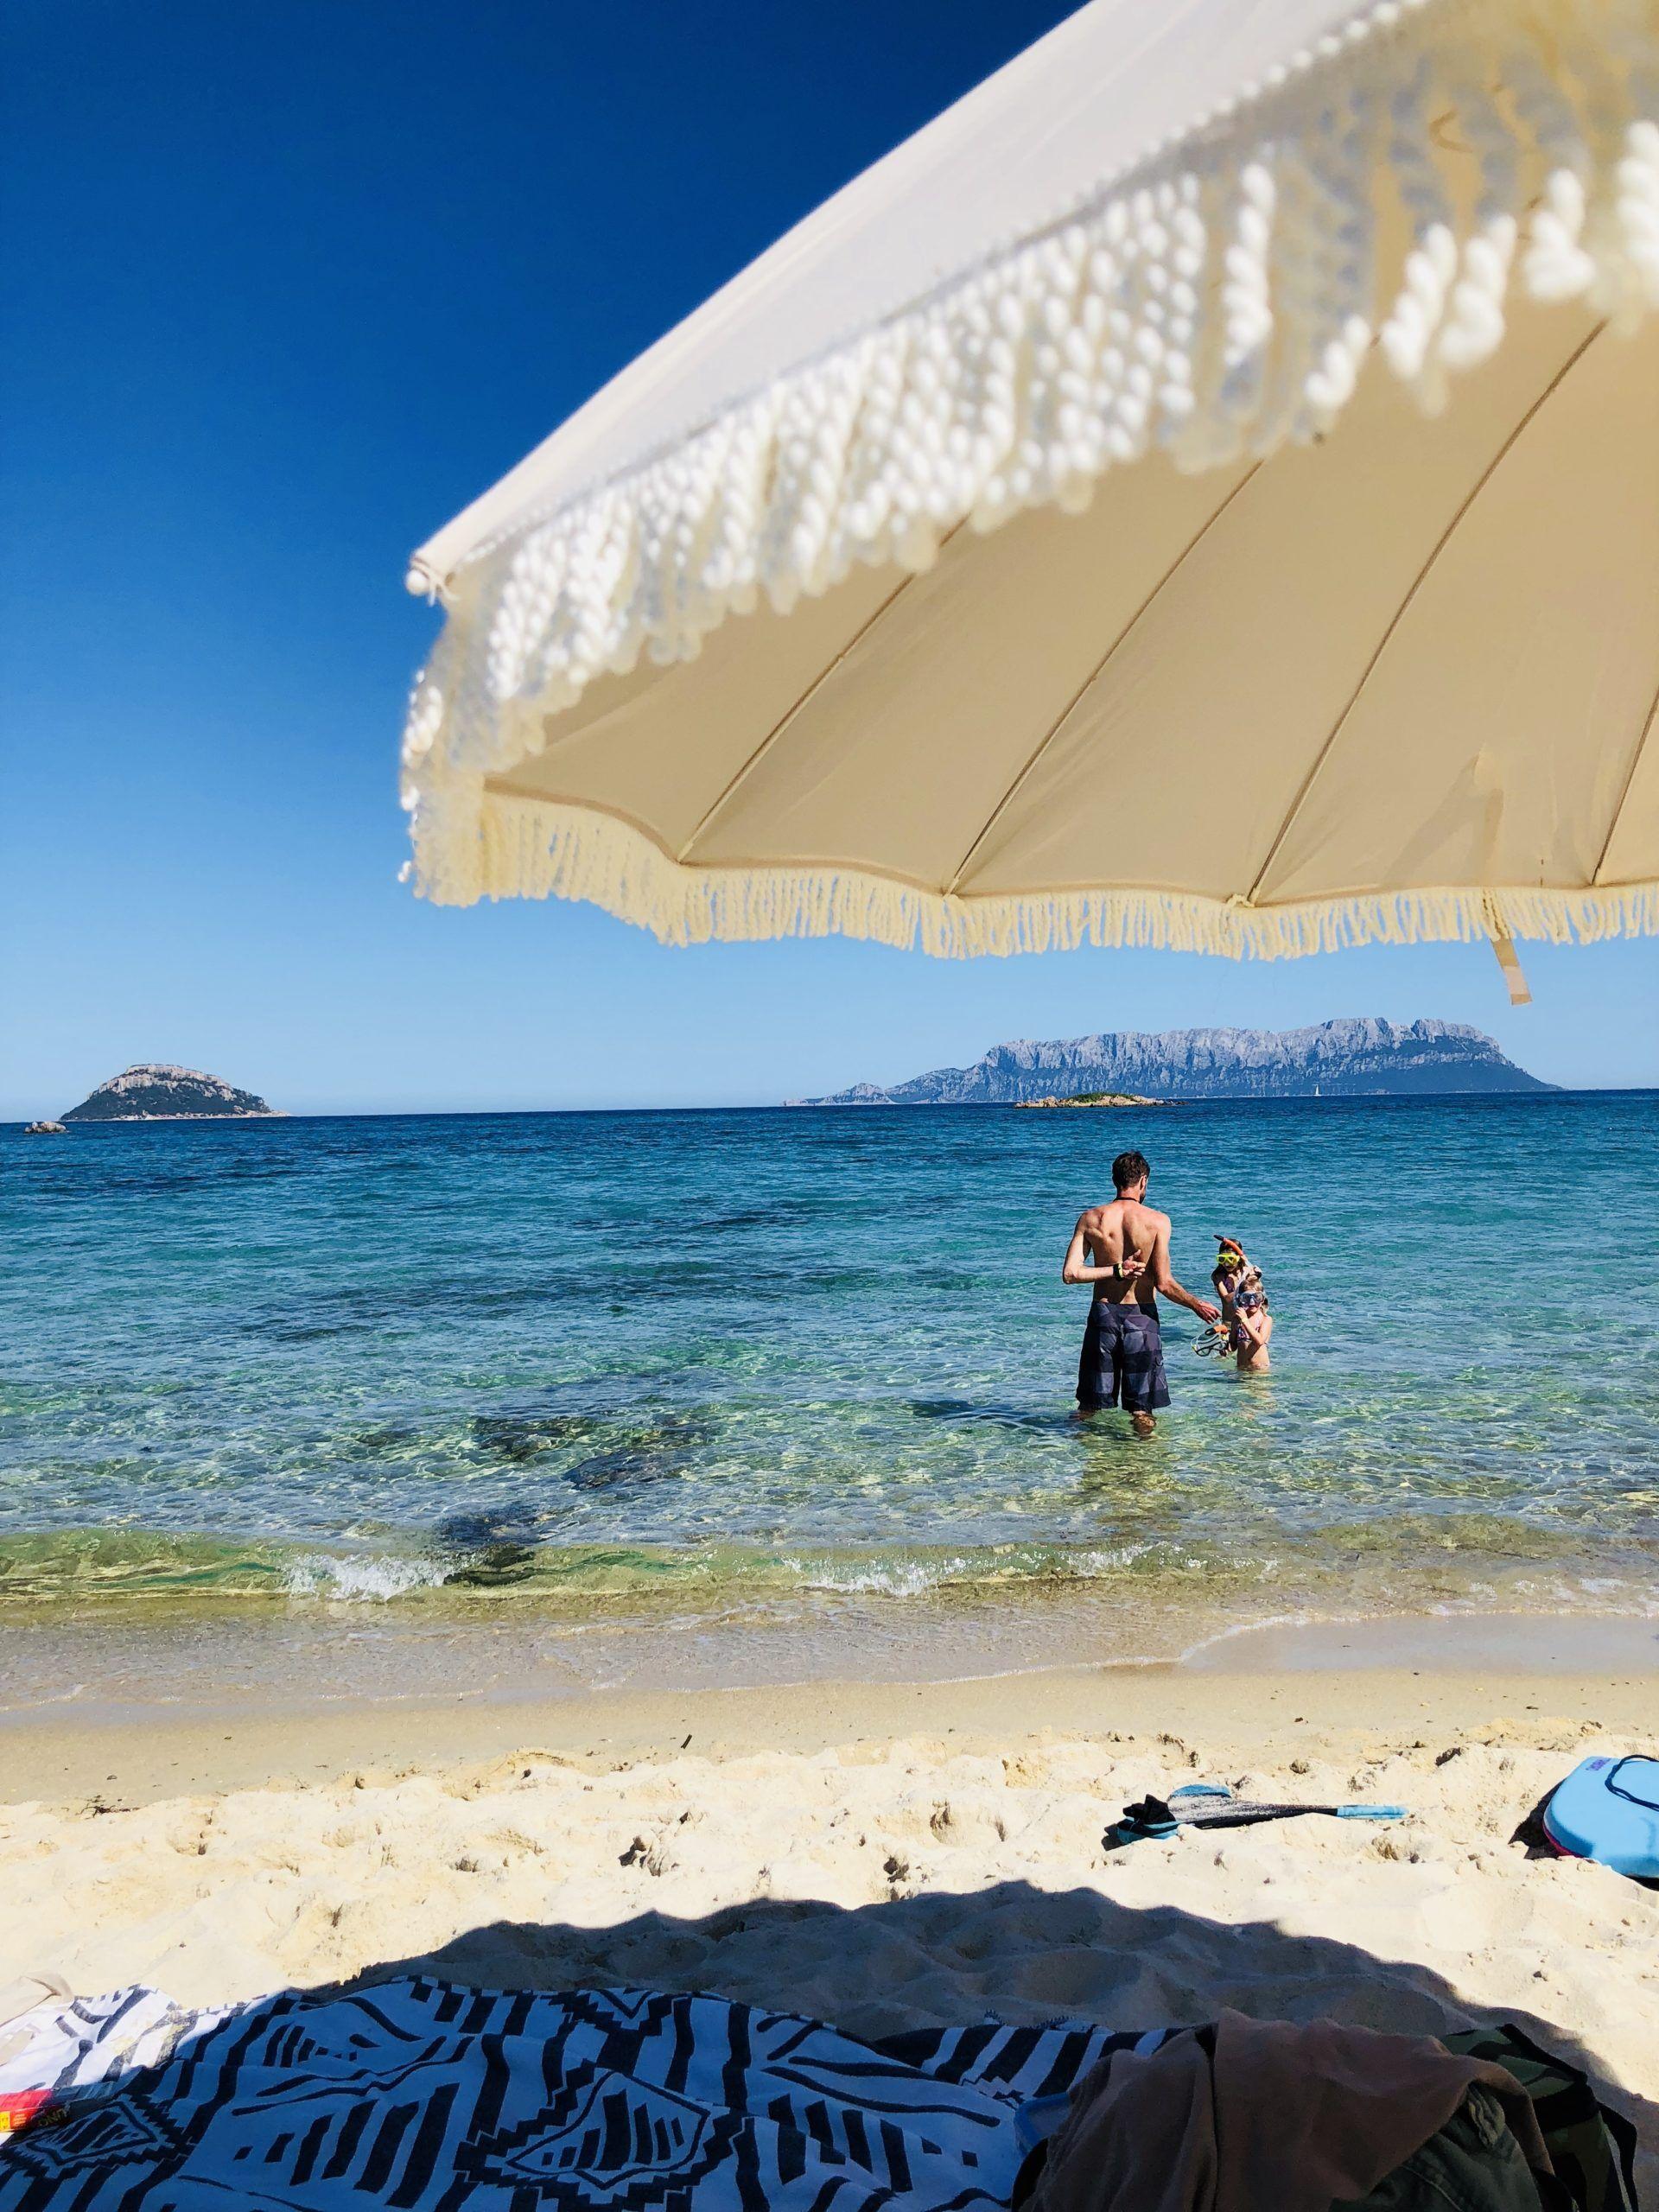 Meer und creme farbener Sonnenschirm am Strand im Hintergrund ein Berg